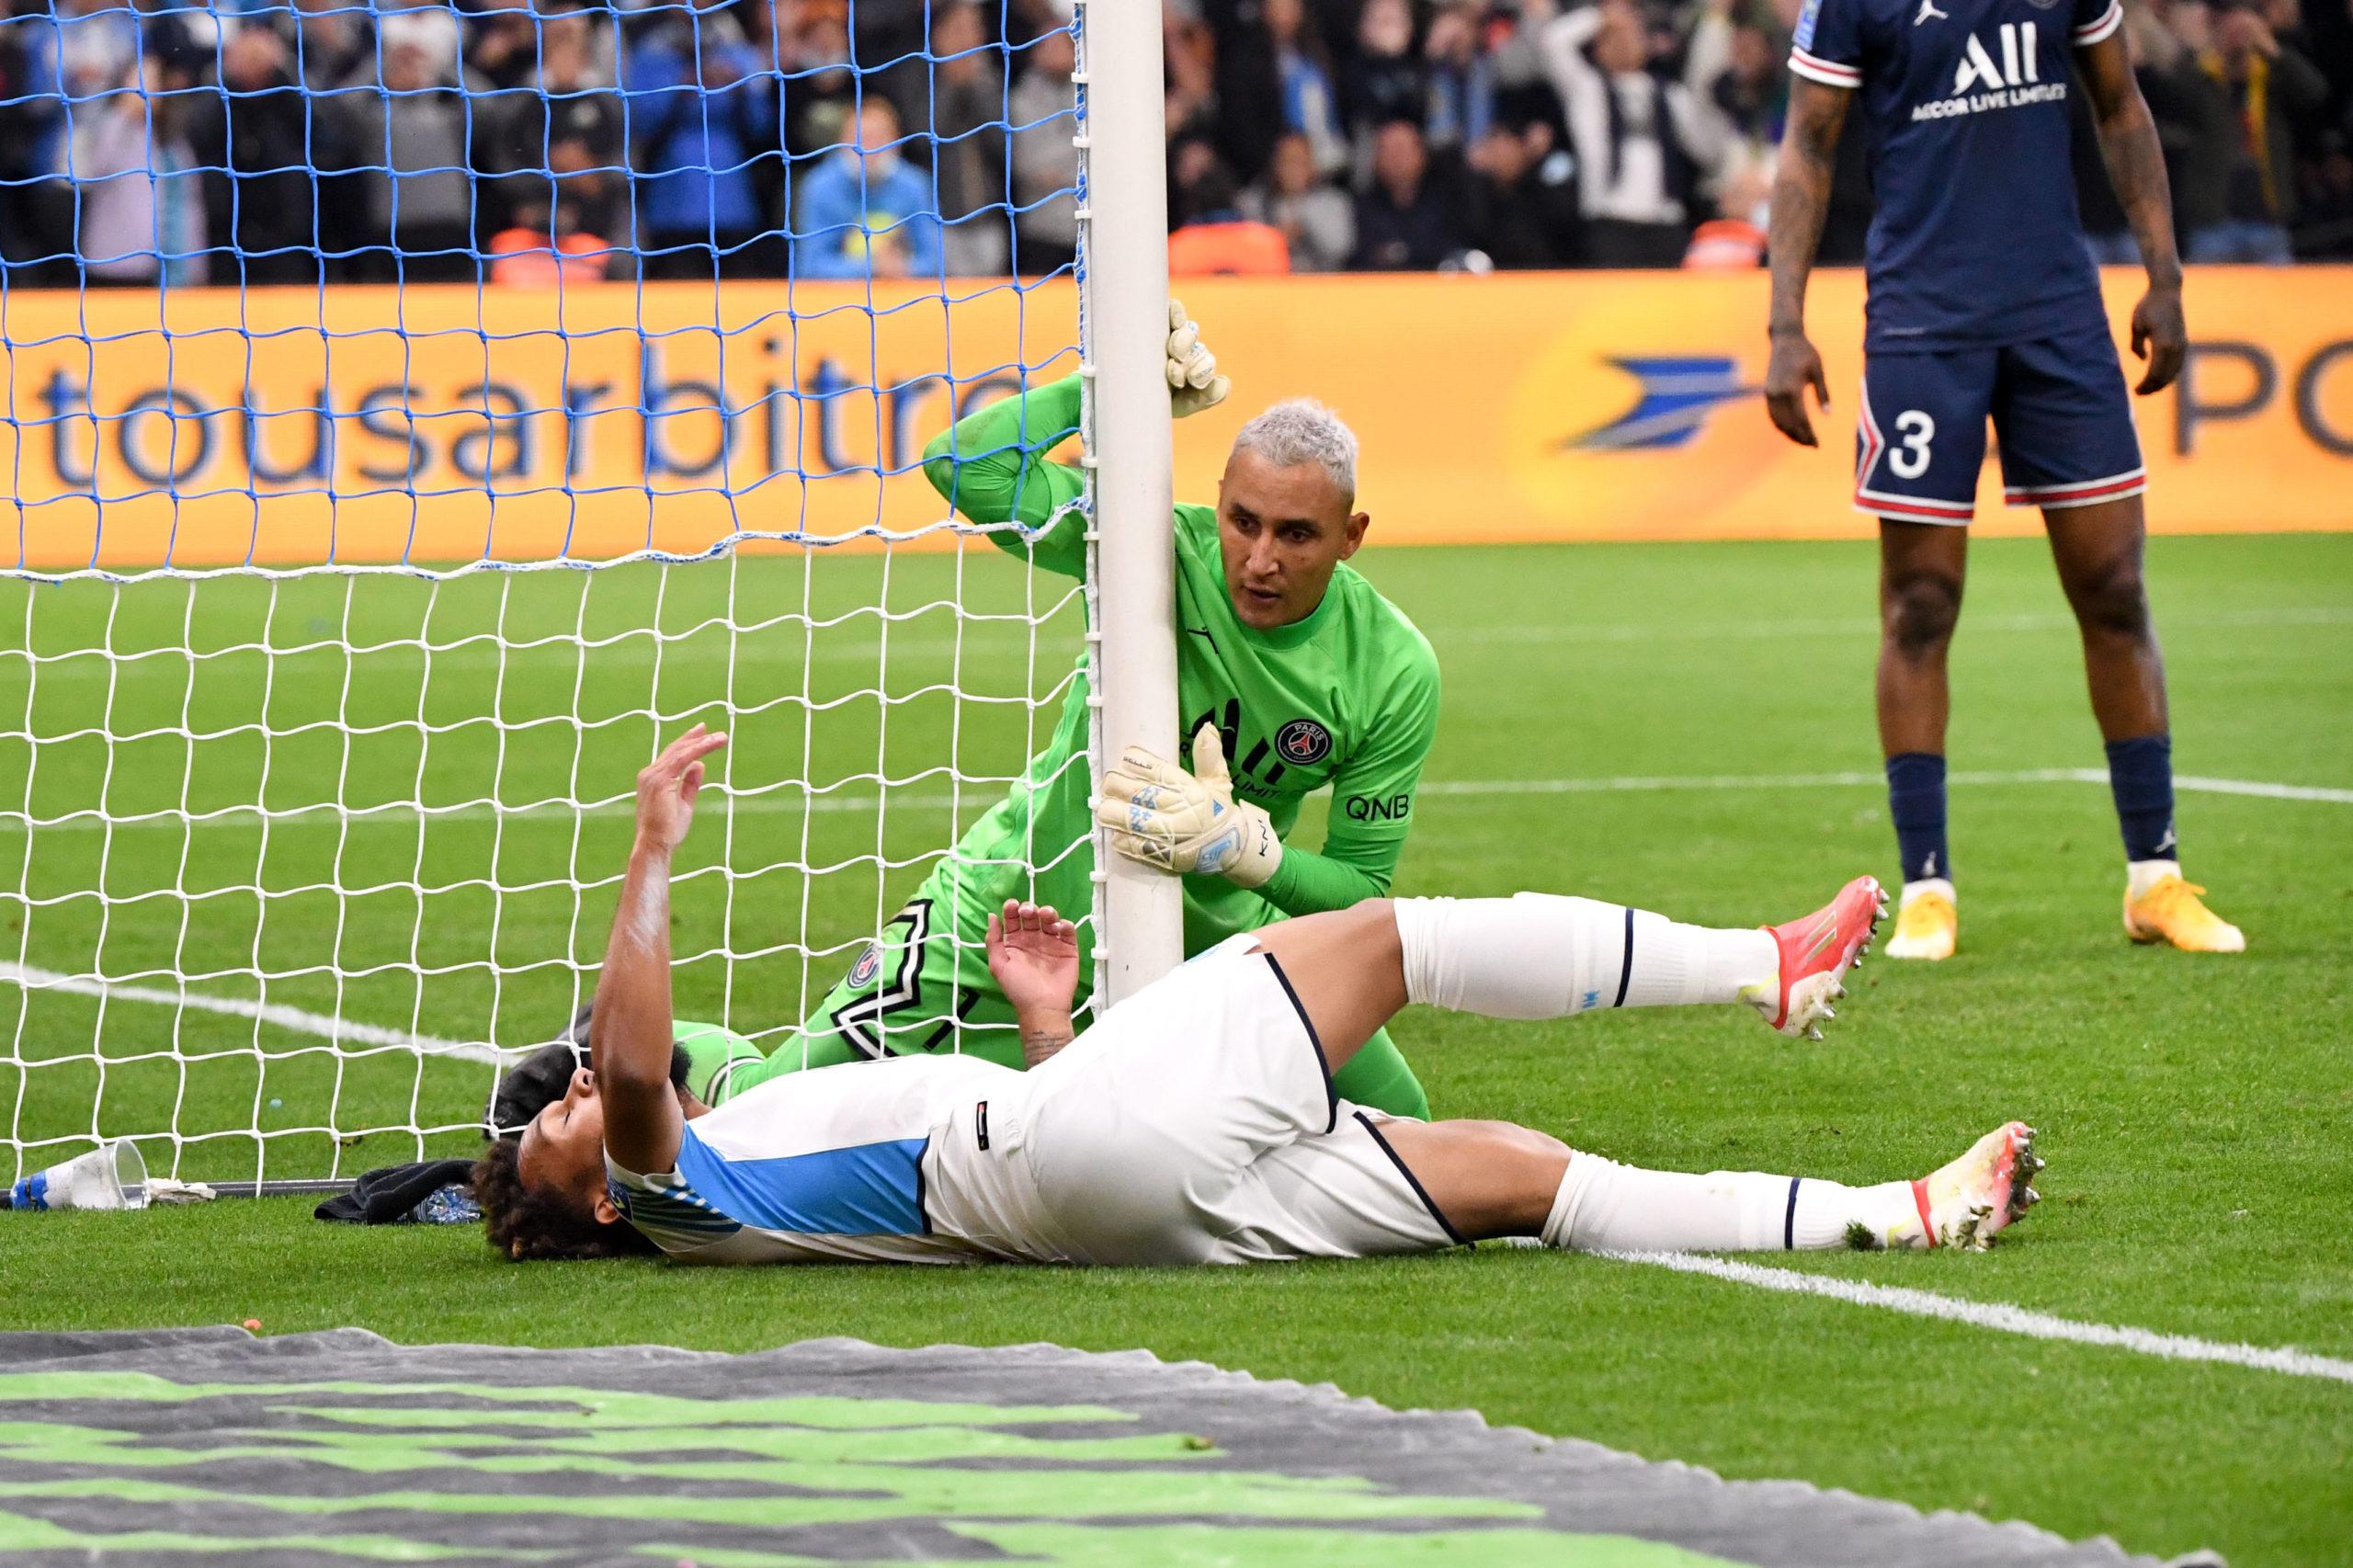 OM/PSG (0-0) - De la Fuente explique sa grosse occasion ratée